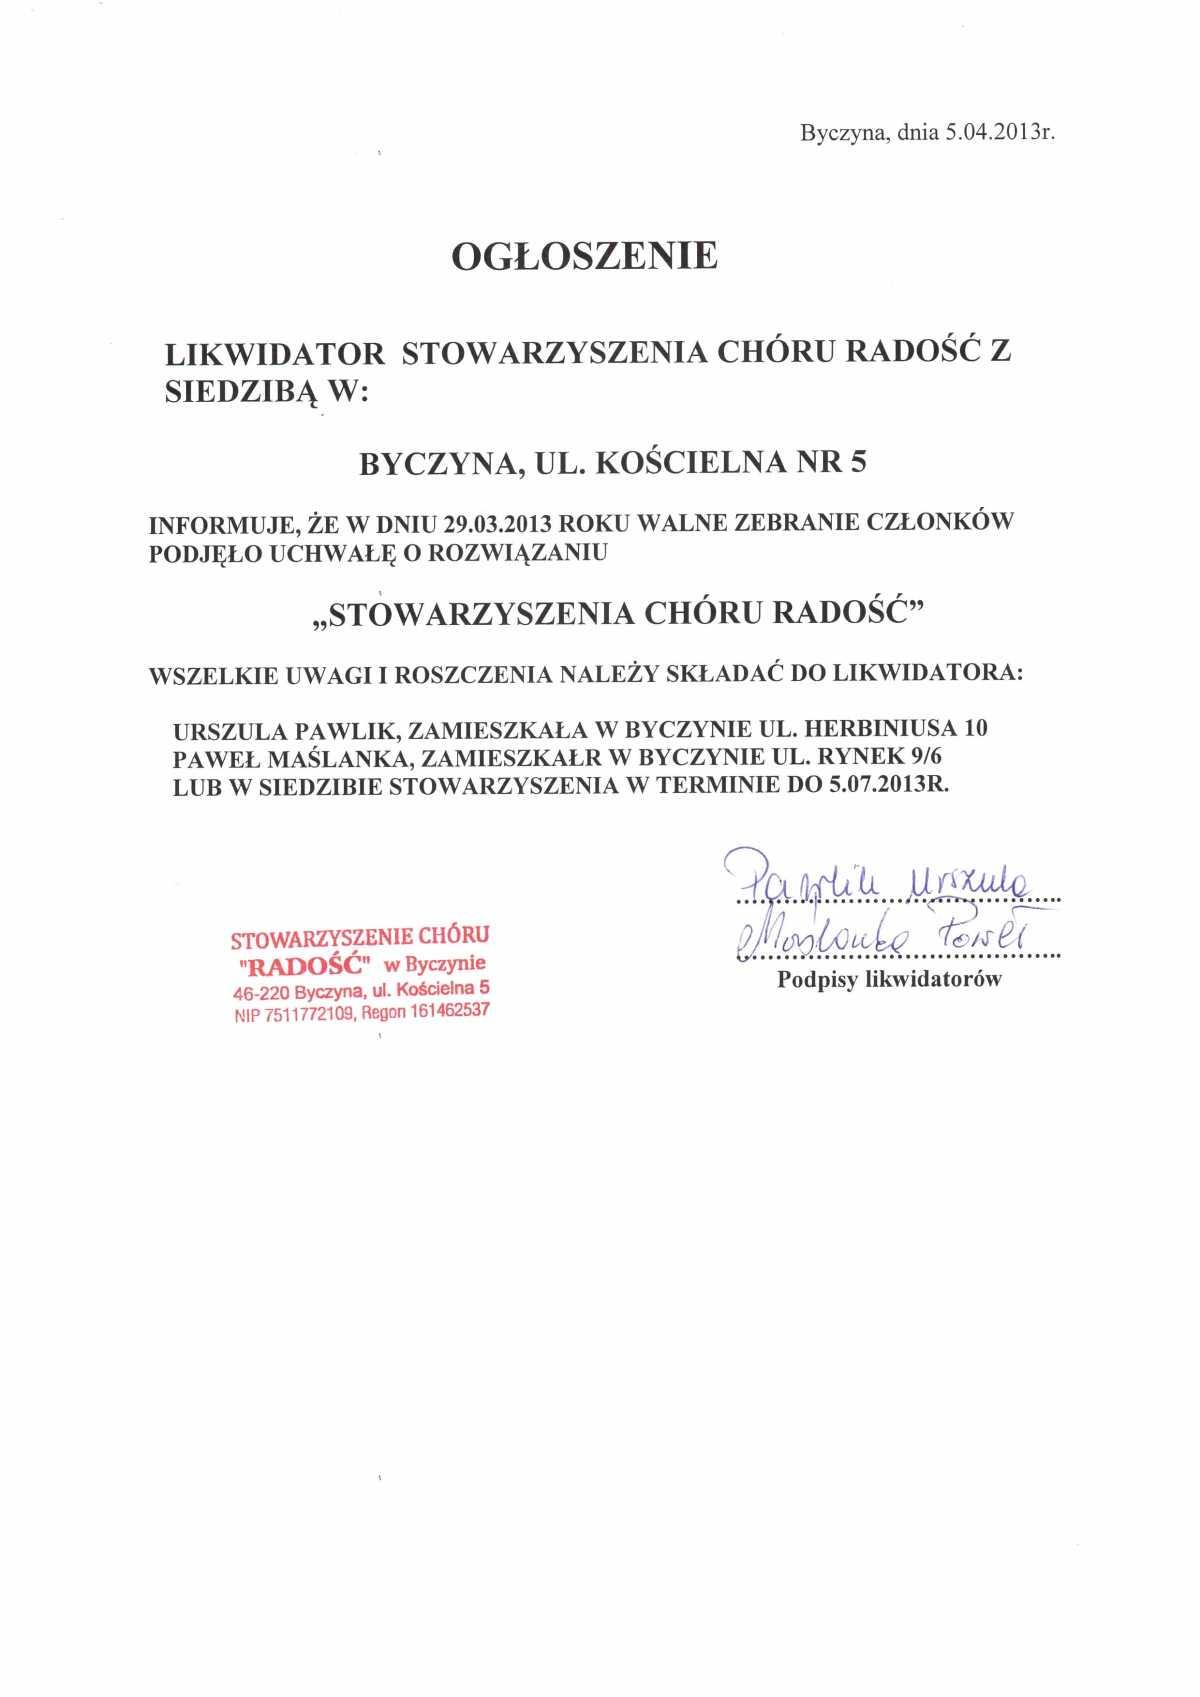 Ogłoszenie o likwidacji Stowarzyszenia Chóru Radość.jpeg